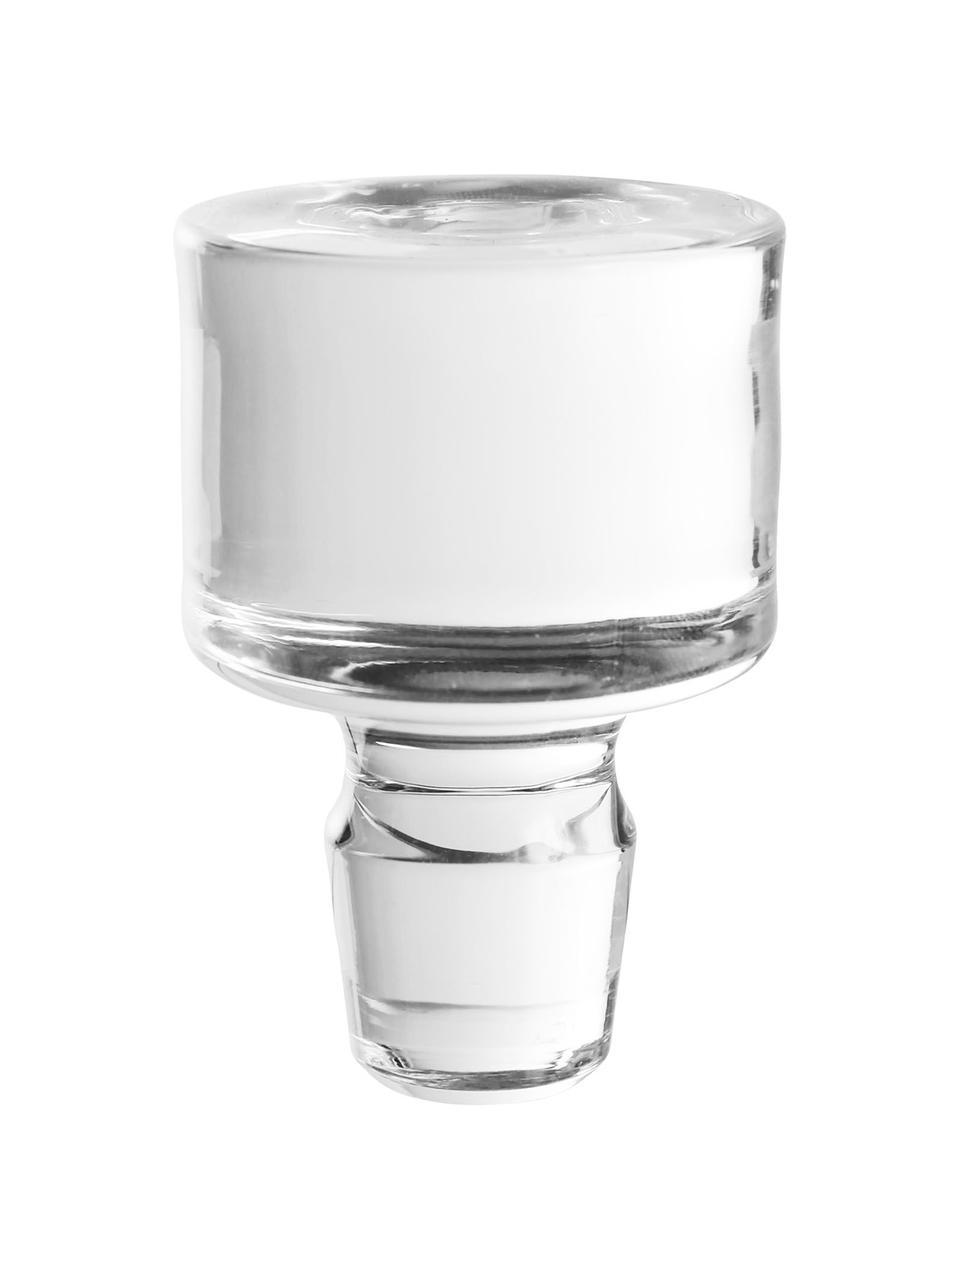 Dekanter ze szkła kryształowego Fine, 860 ml, Szkło kryształowe, Transparentny, W 22 cm